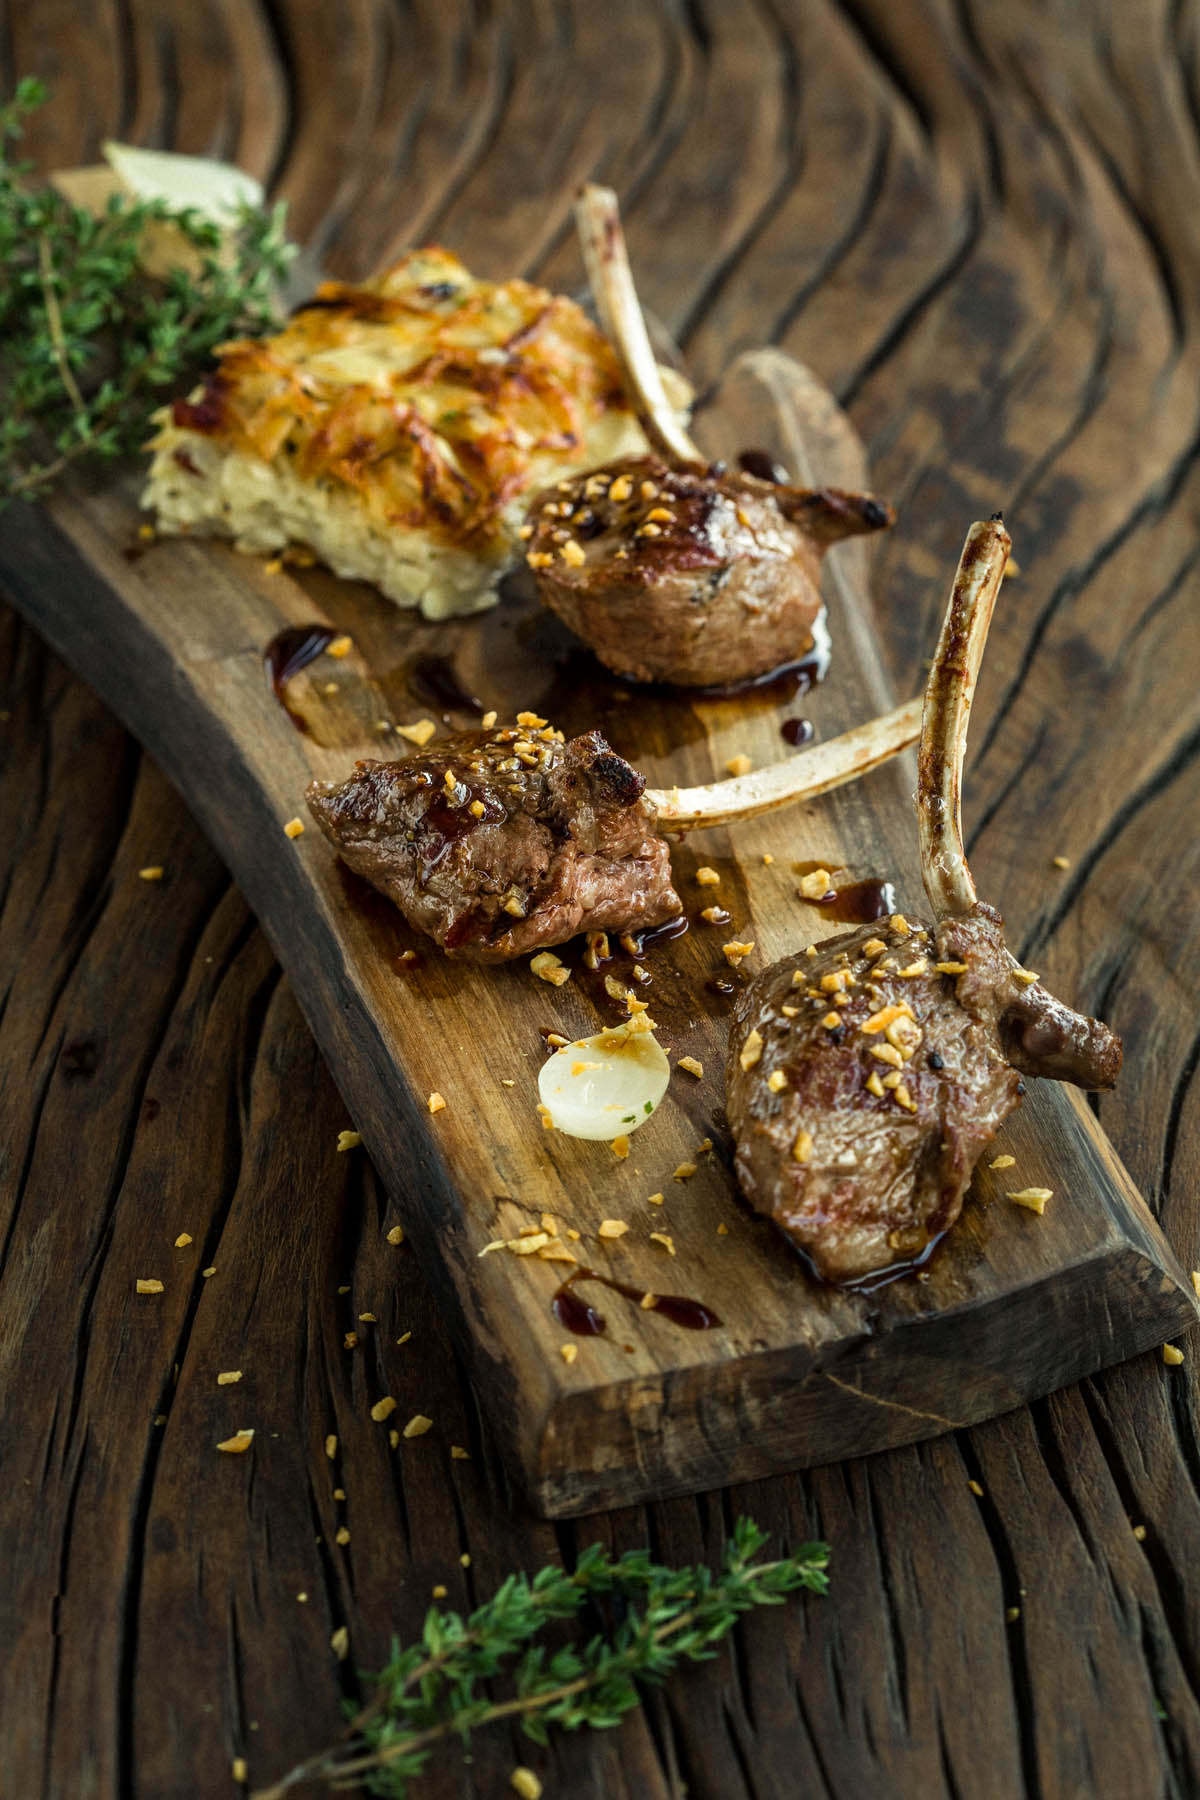 Foto de Cardápio, Costeleta de cordeiro uruguaio com batata gratinada, aspargos ao molho de alho e ervas